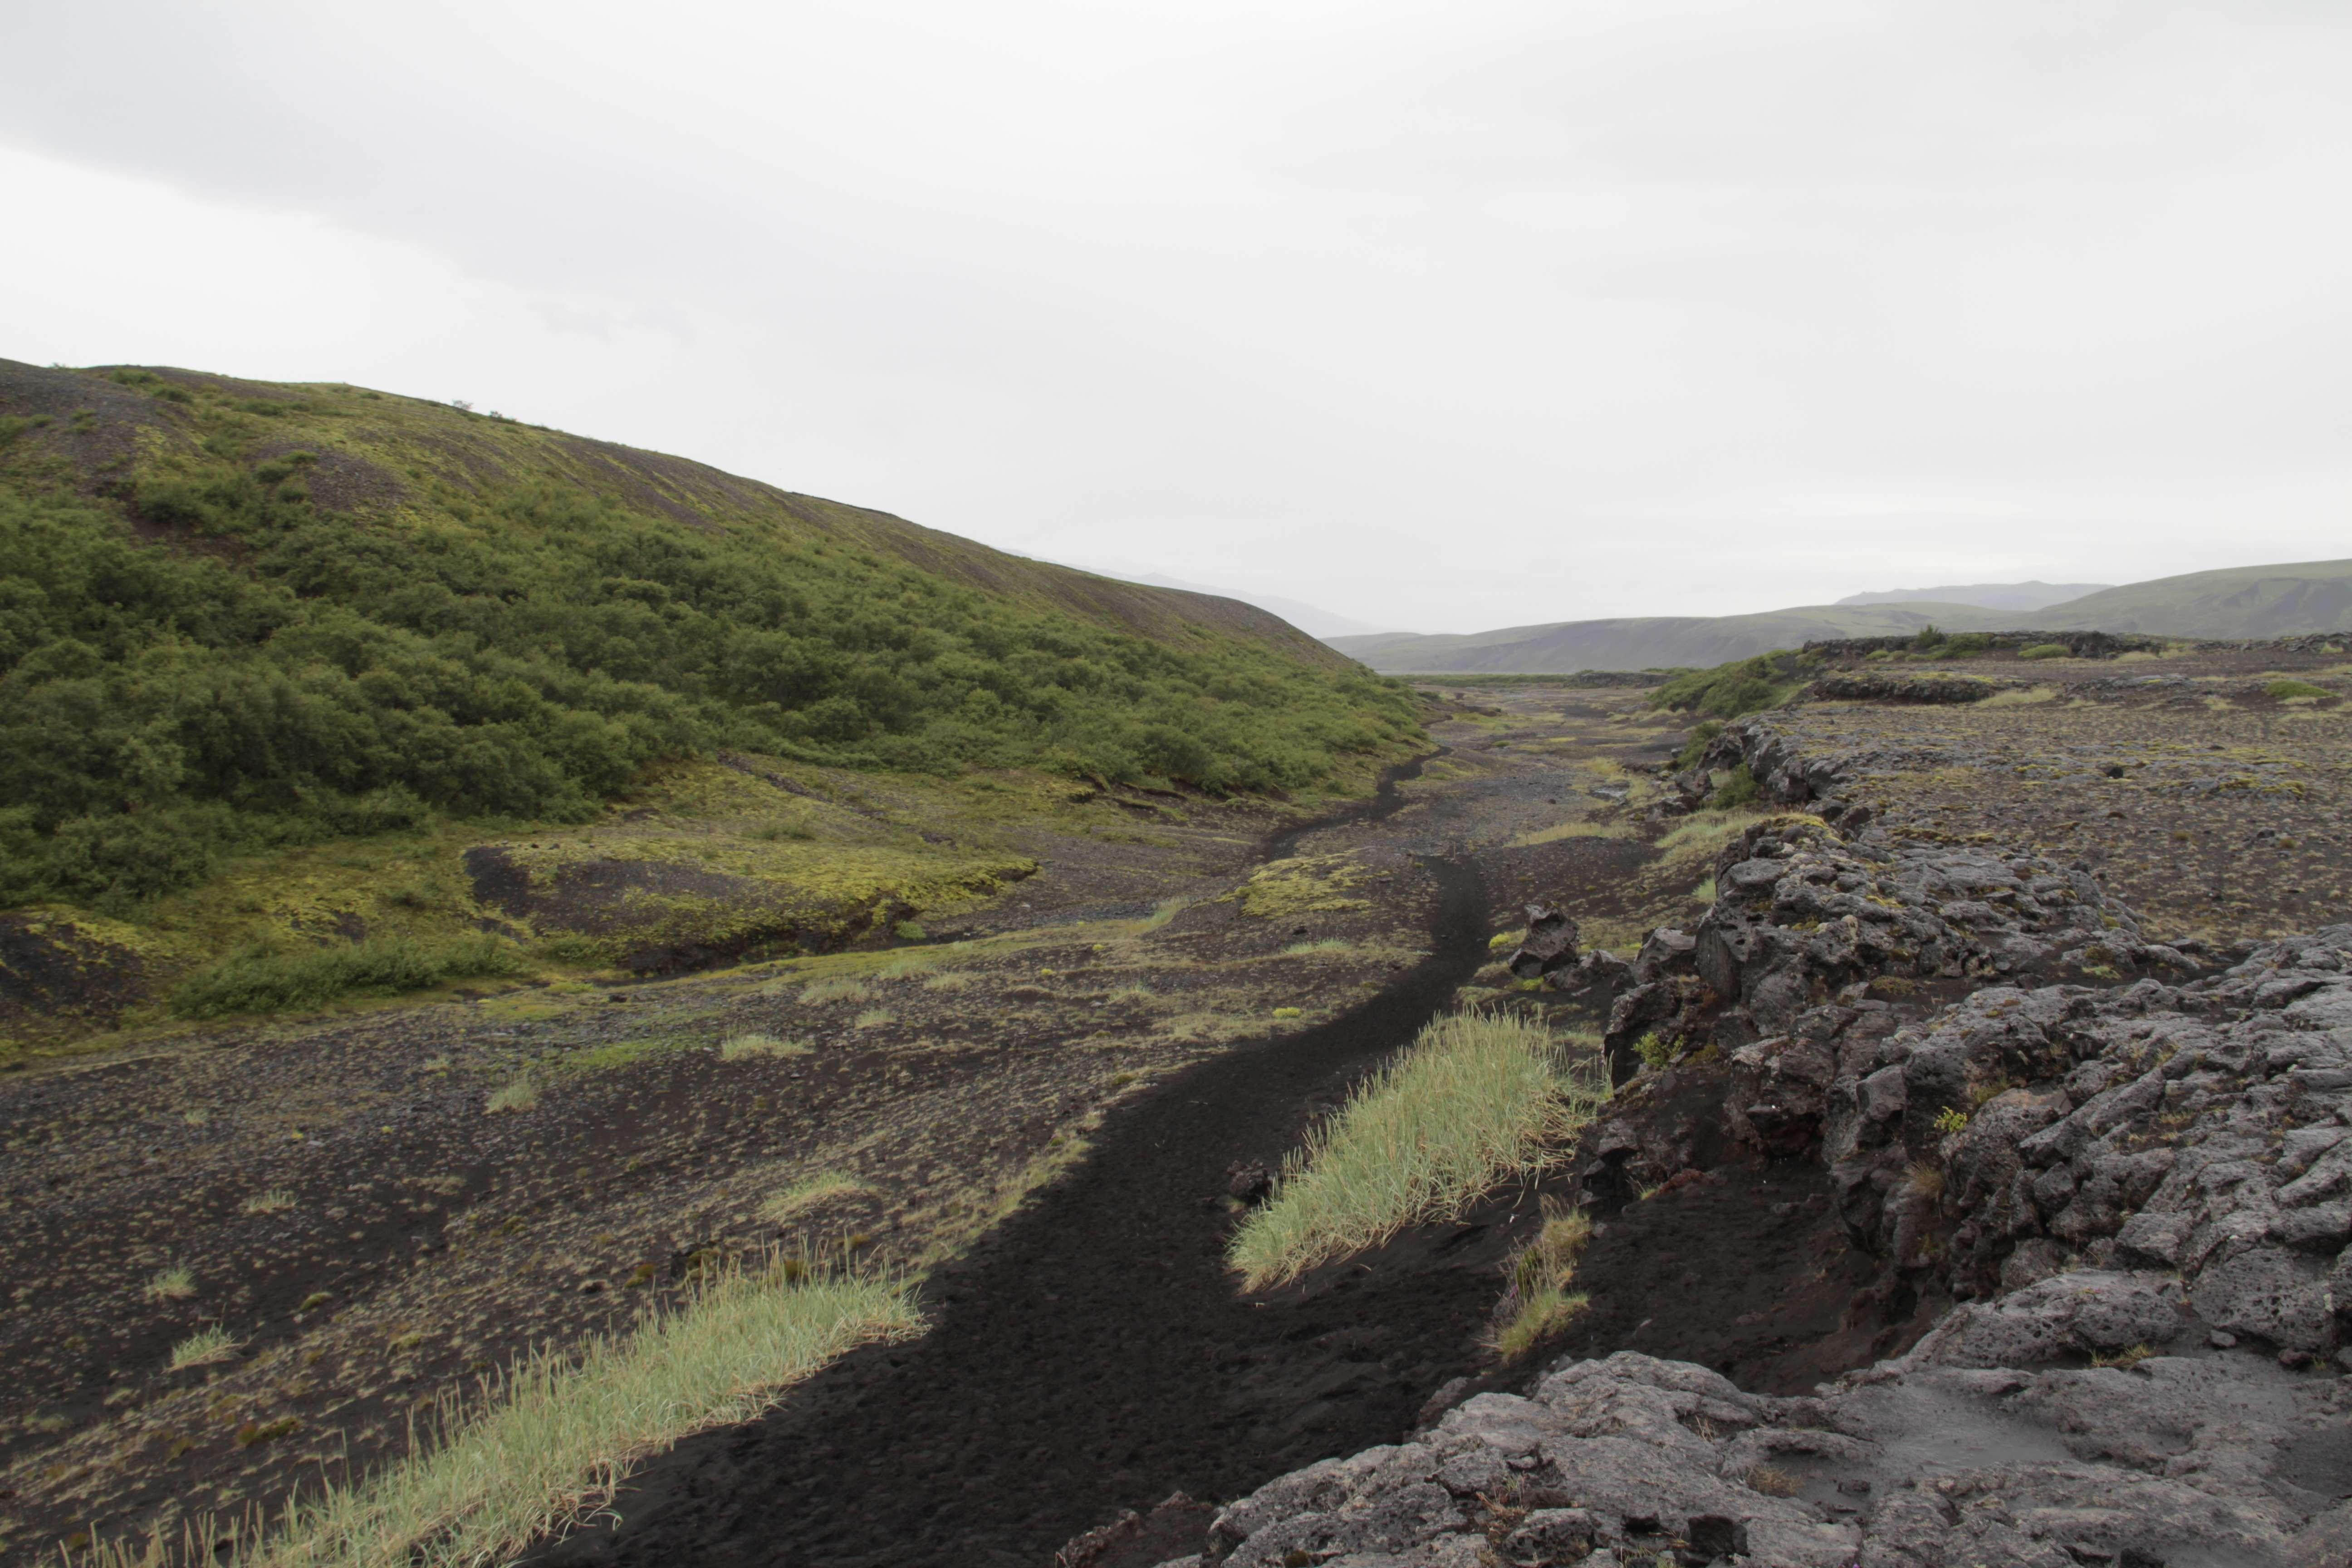 Islande_0623 trail jour 3 Emstrur-Porsmork 19 juillet